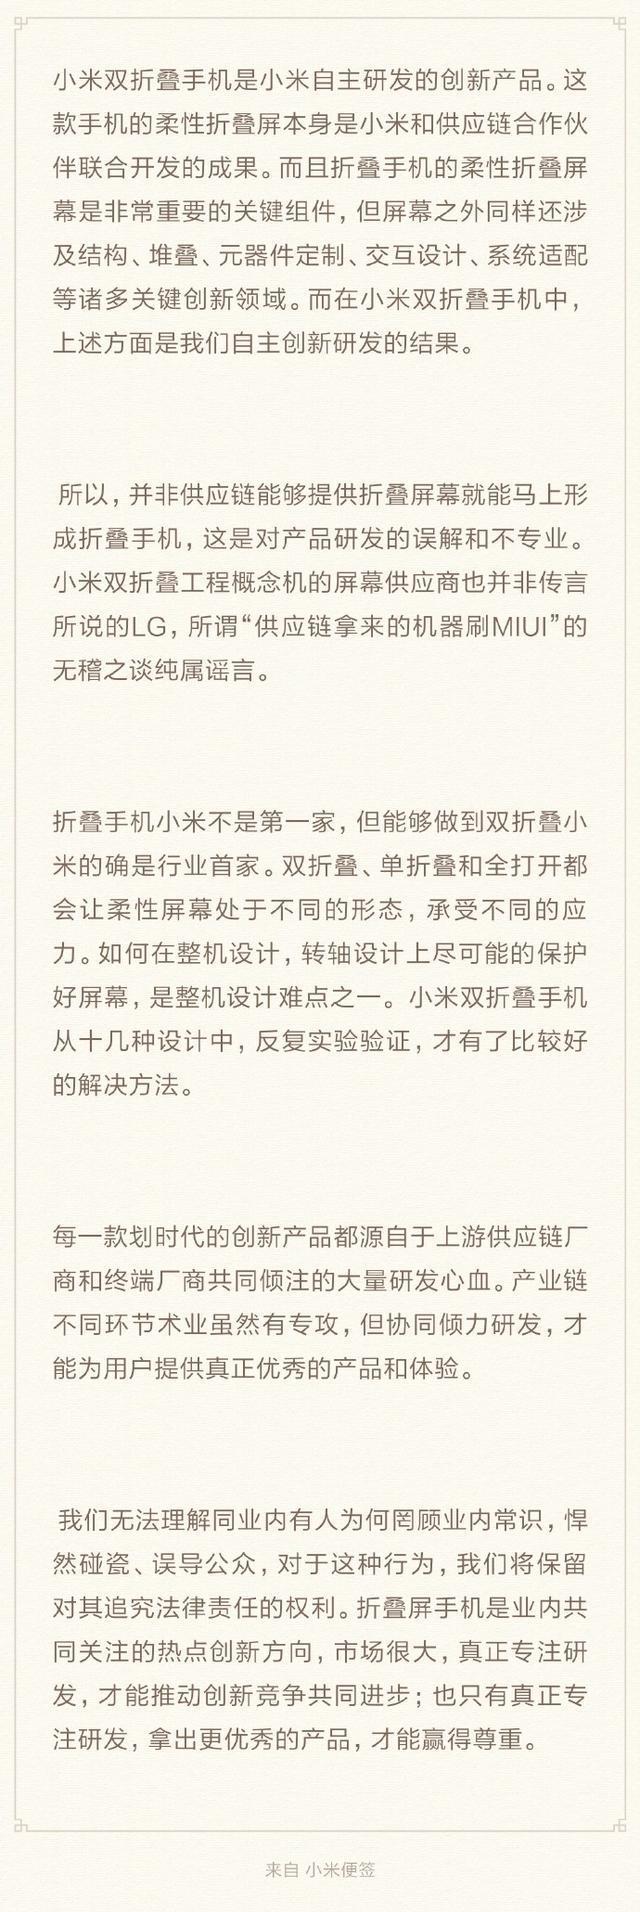 小米才秀双折叠屏手机就被高管怒怼:啥都没有的手机组装公司